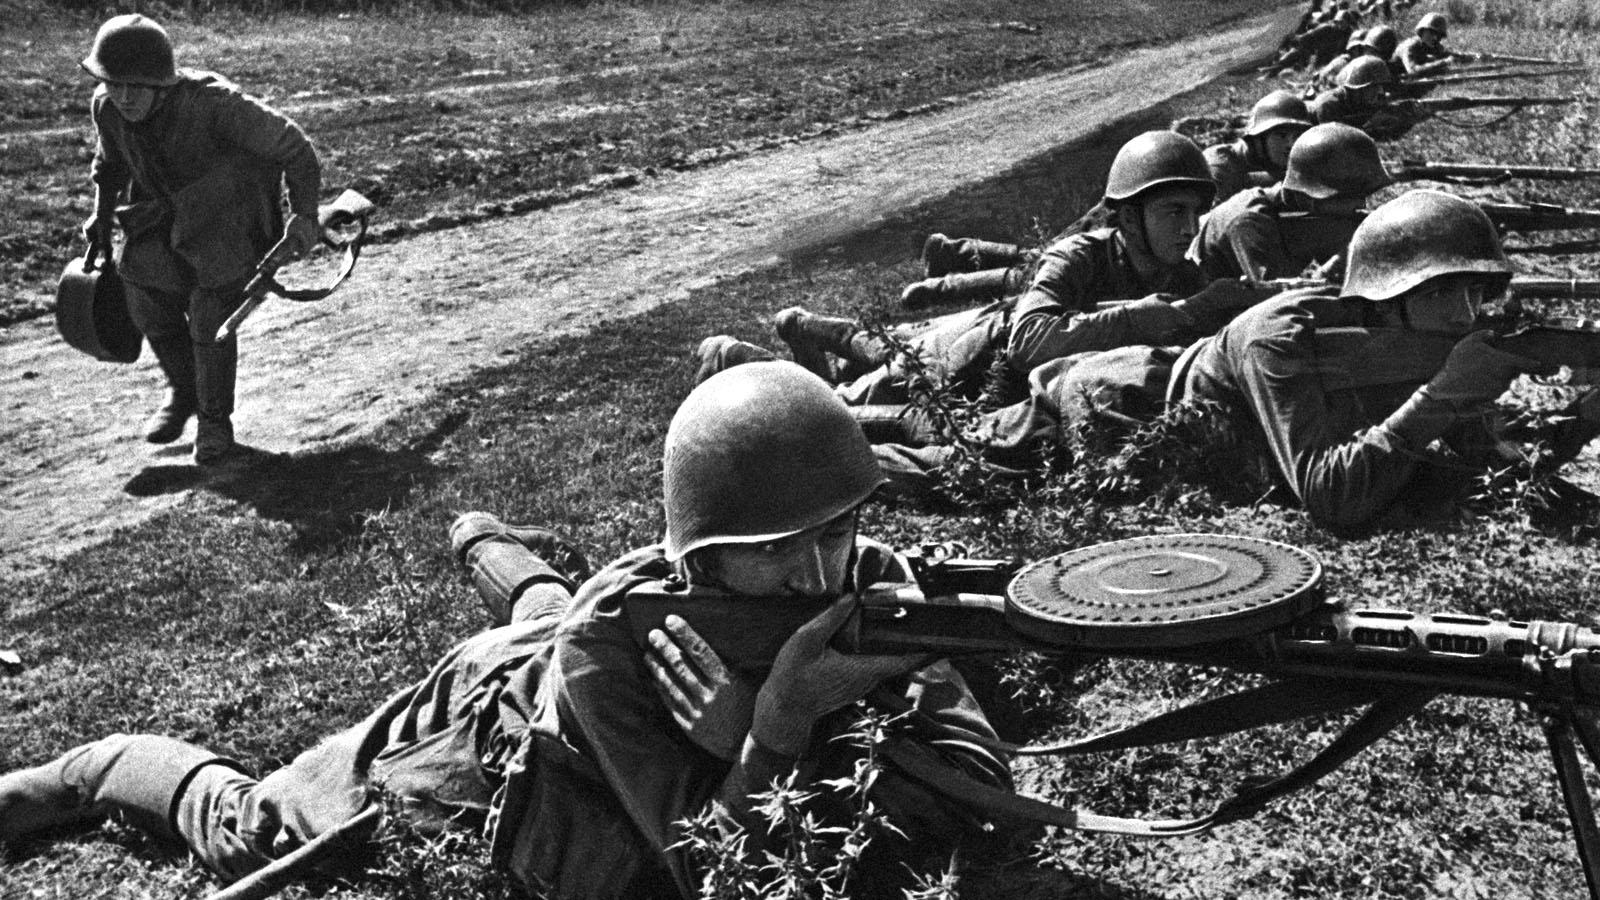 война фото отечественный великий